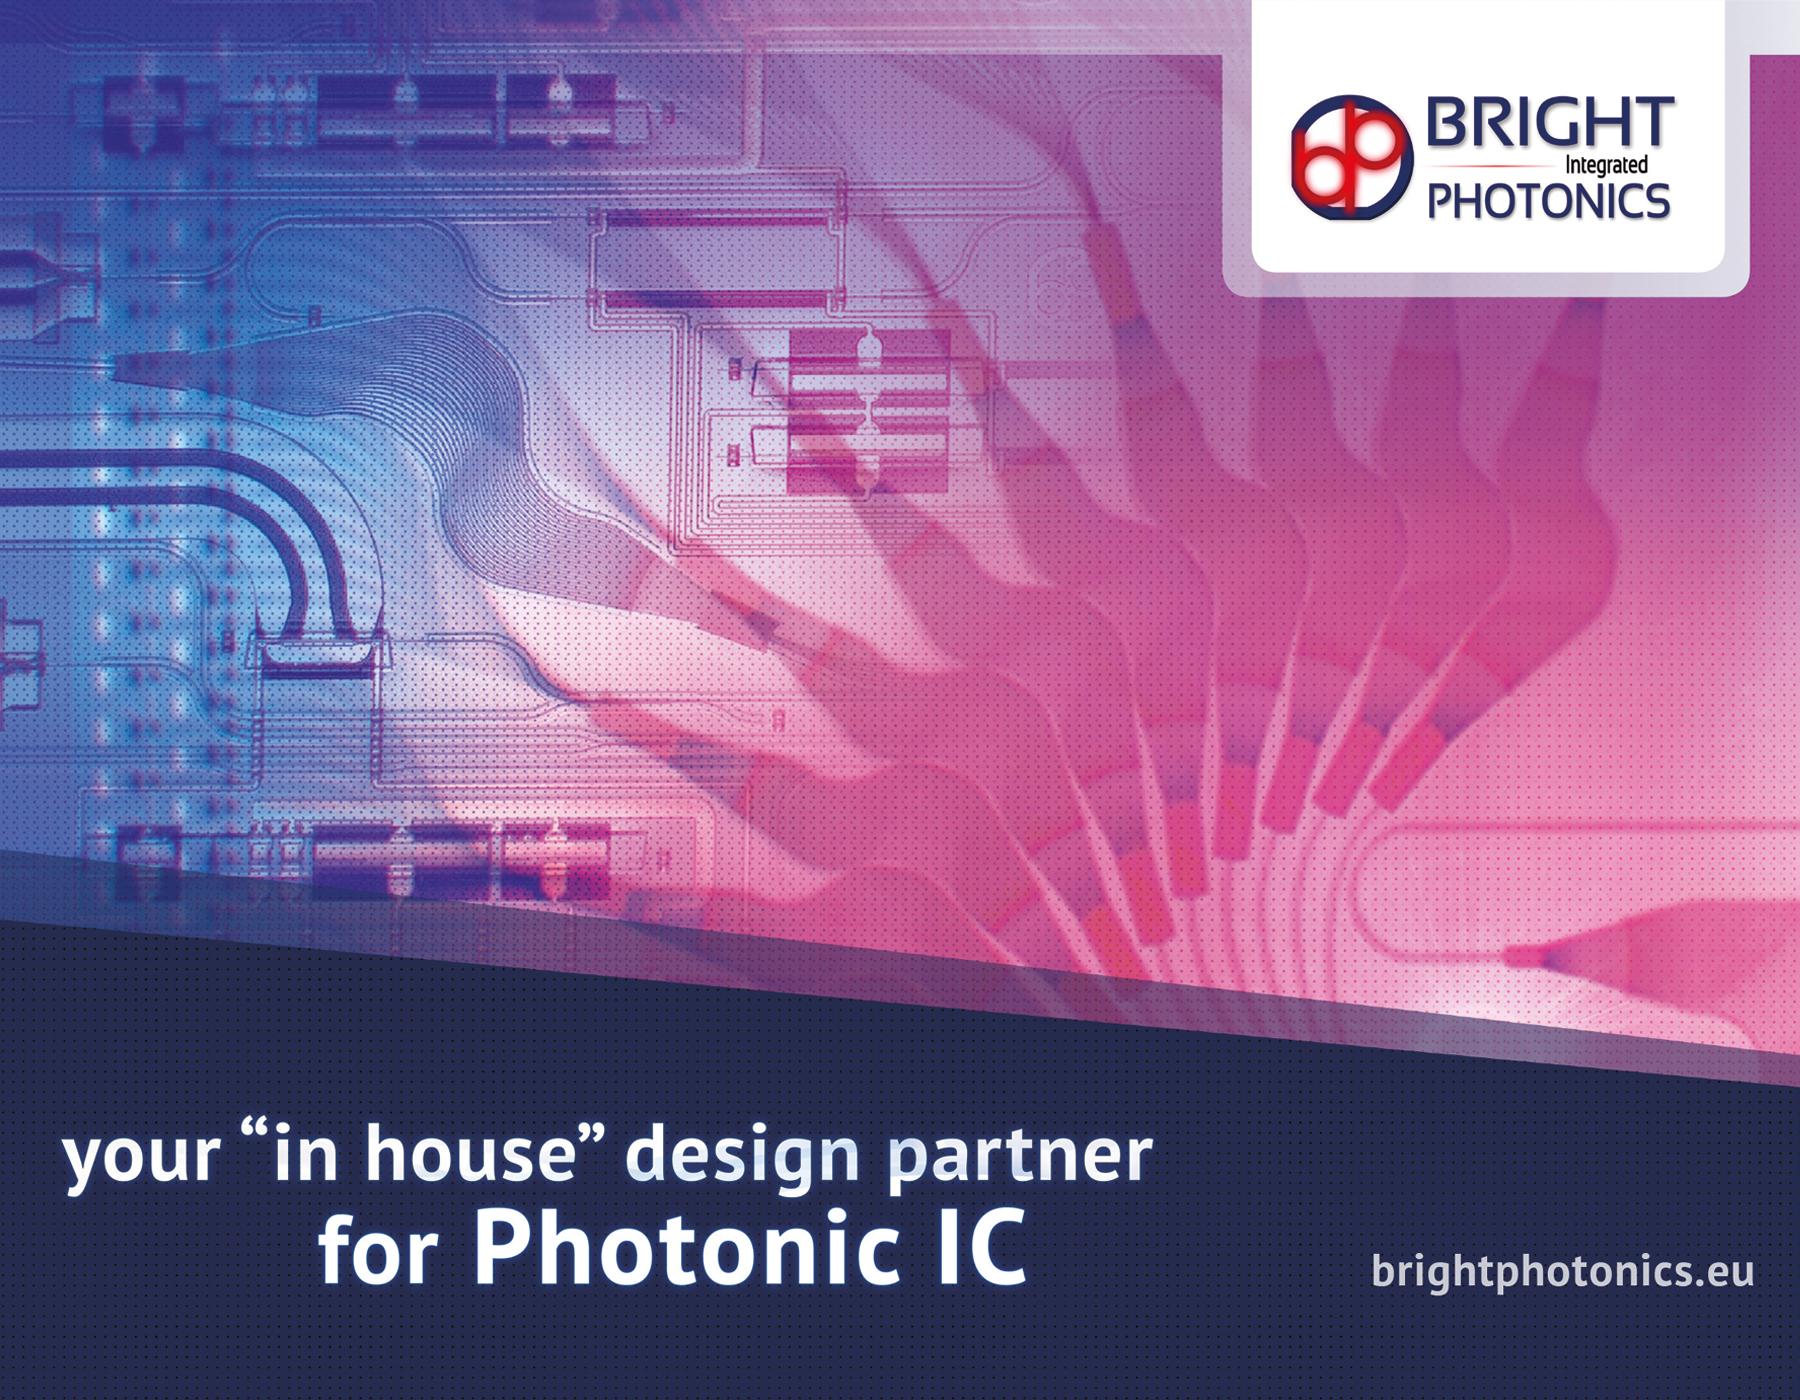 vormgeving voor Bright Photonics